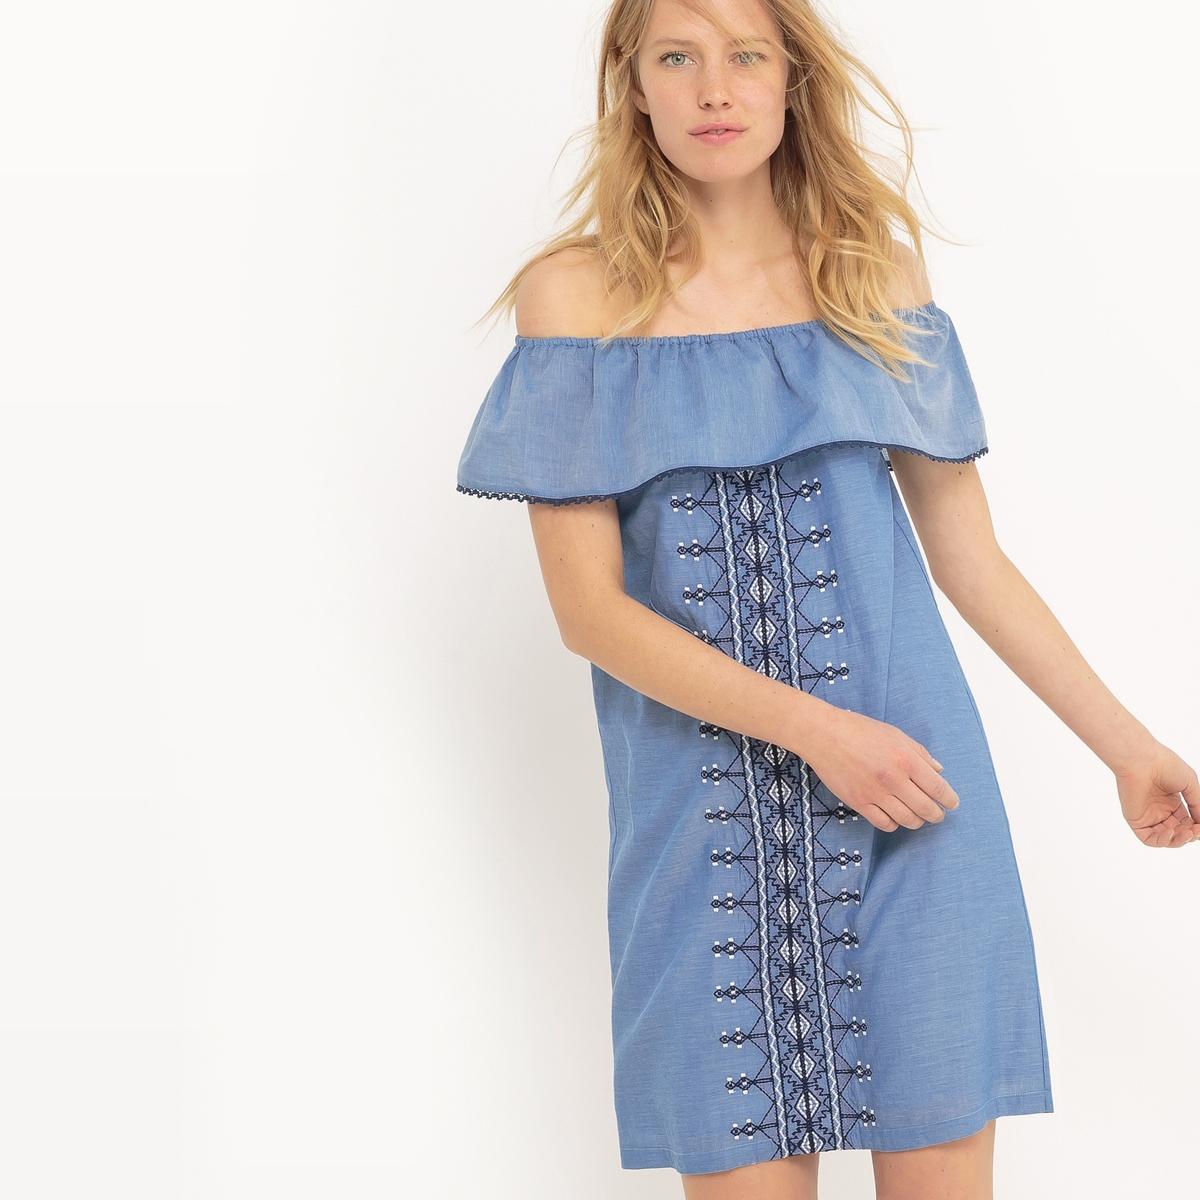 Платье-бандо однотонное с вышивкой длиной до коленМатериал : 100% хлопок      Подкладка : 100% хлопок      Длина рукава : короткие рукава       Форма воротника : без воротника      Покрой платья : платье прямого покроя       Рисунок : однотонная модель.      Особенность материала : с вышивкой        Особенность платья : с воланом       Длина платья : длина до колен      Стирка : машинная стирка при 30 °С в деликатном режиме      Уход : сухая чистка и отбеливание запрещены      Машинная сушка : машинная сушка запрещена      Глажка : при низкой температуре<br><br>Цвет: синий<br>Размер: 42 (FR) - 48 (RUS)